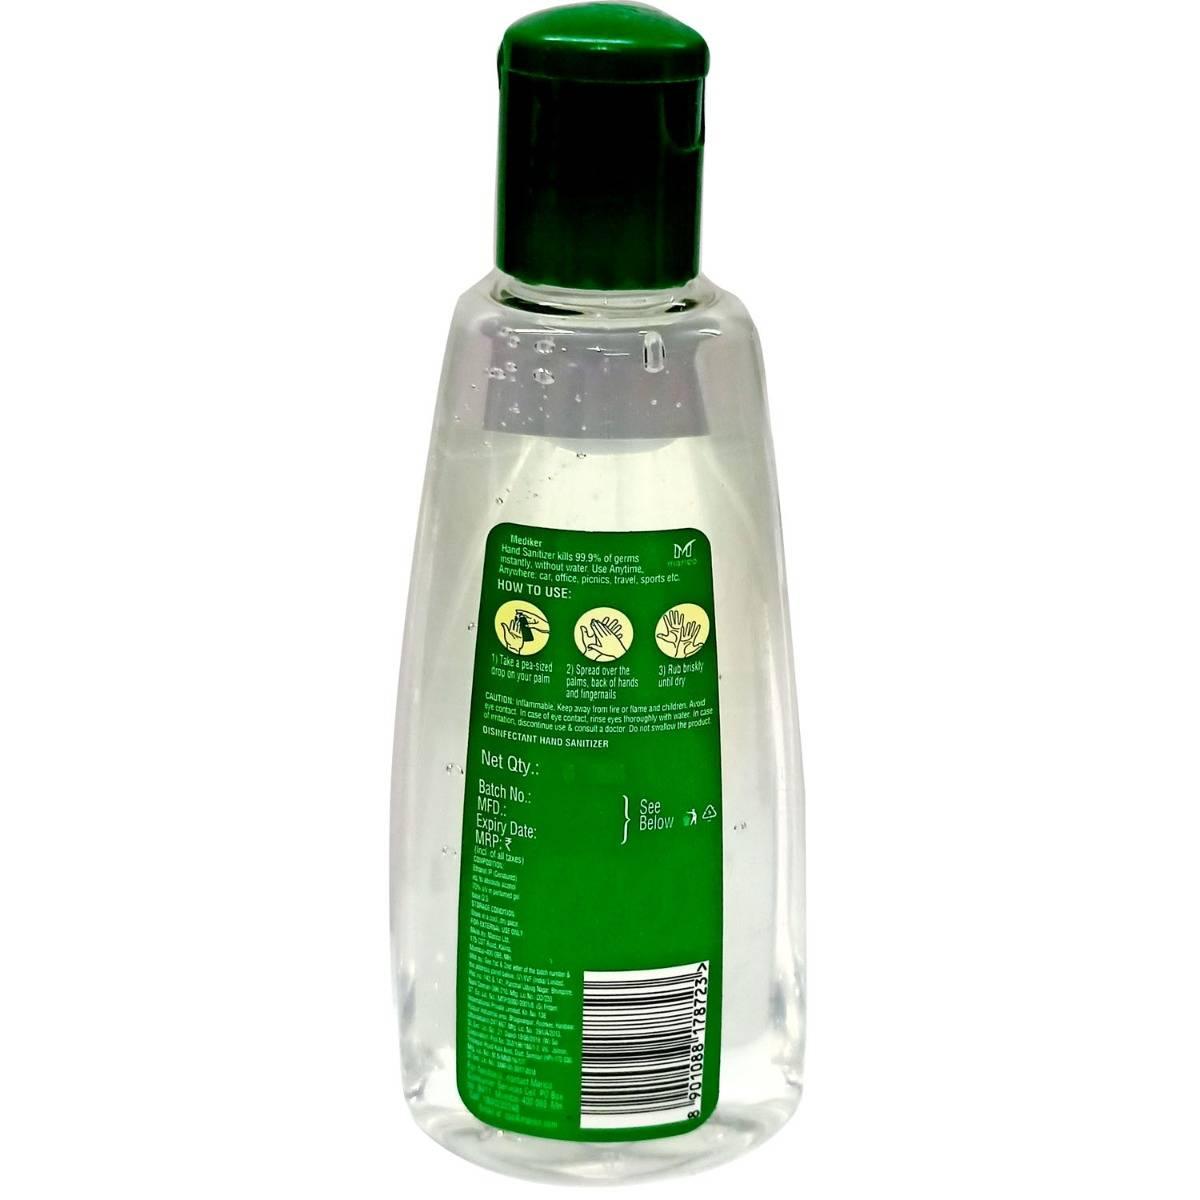 Mediker Advanced Hand Sanitizer, 90 ml, Pack of 1